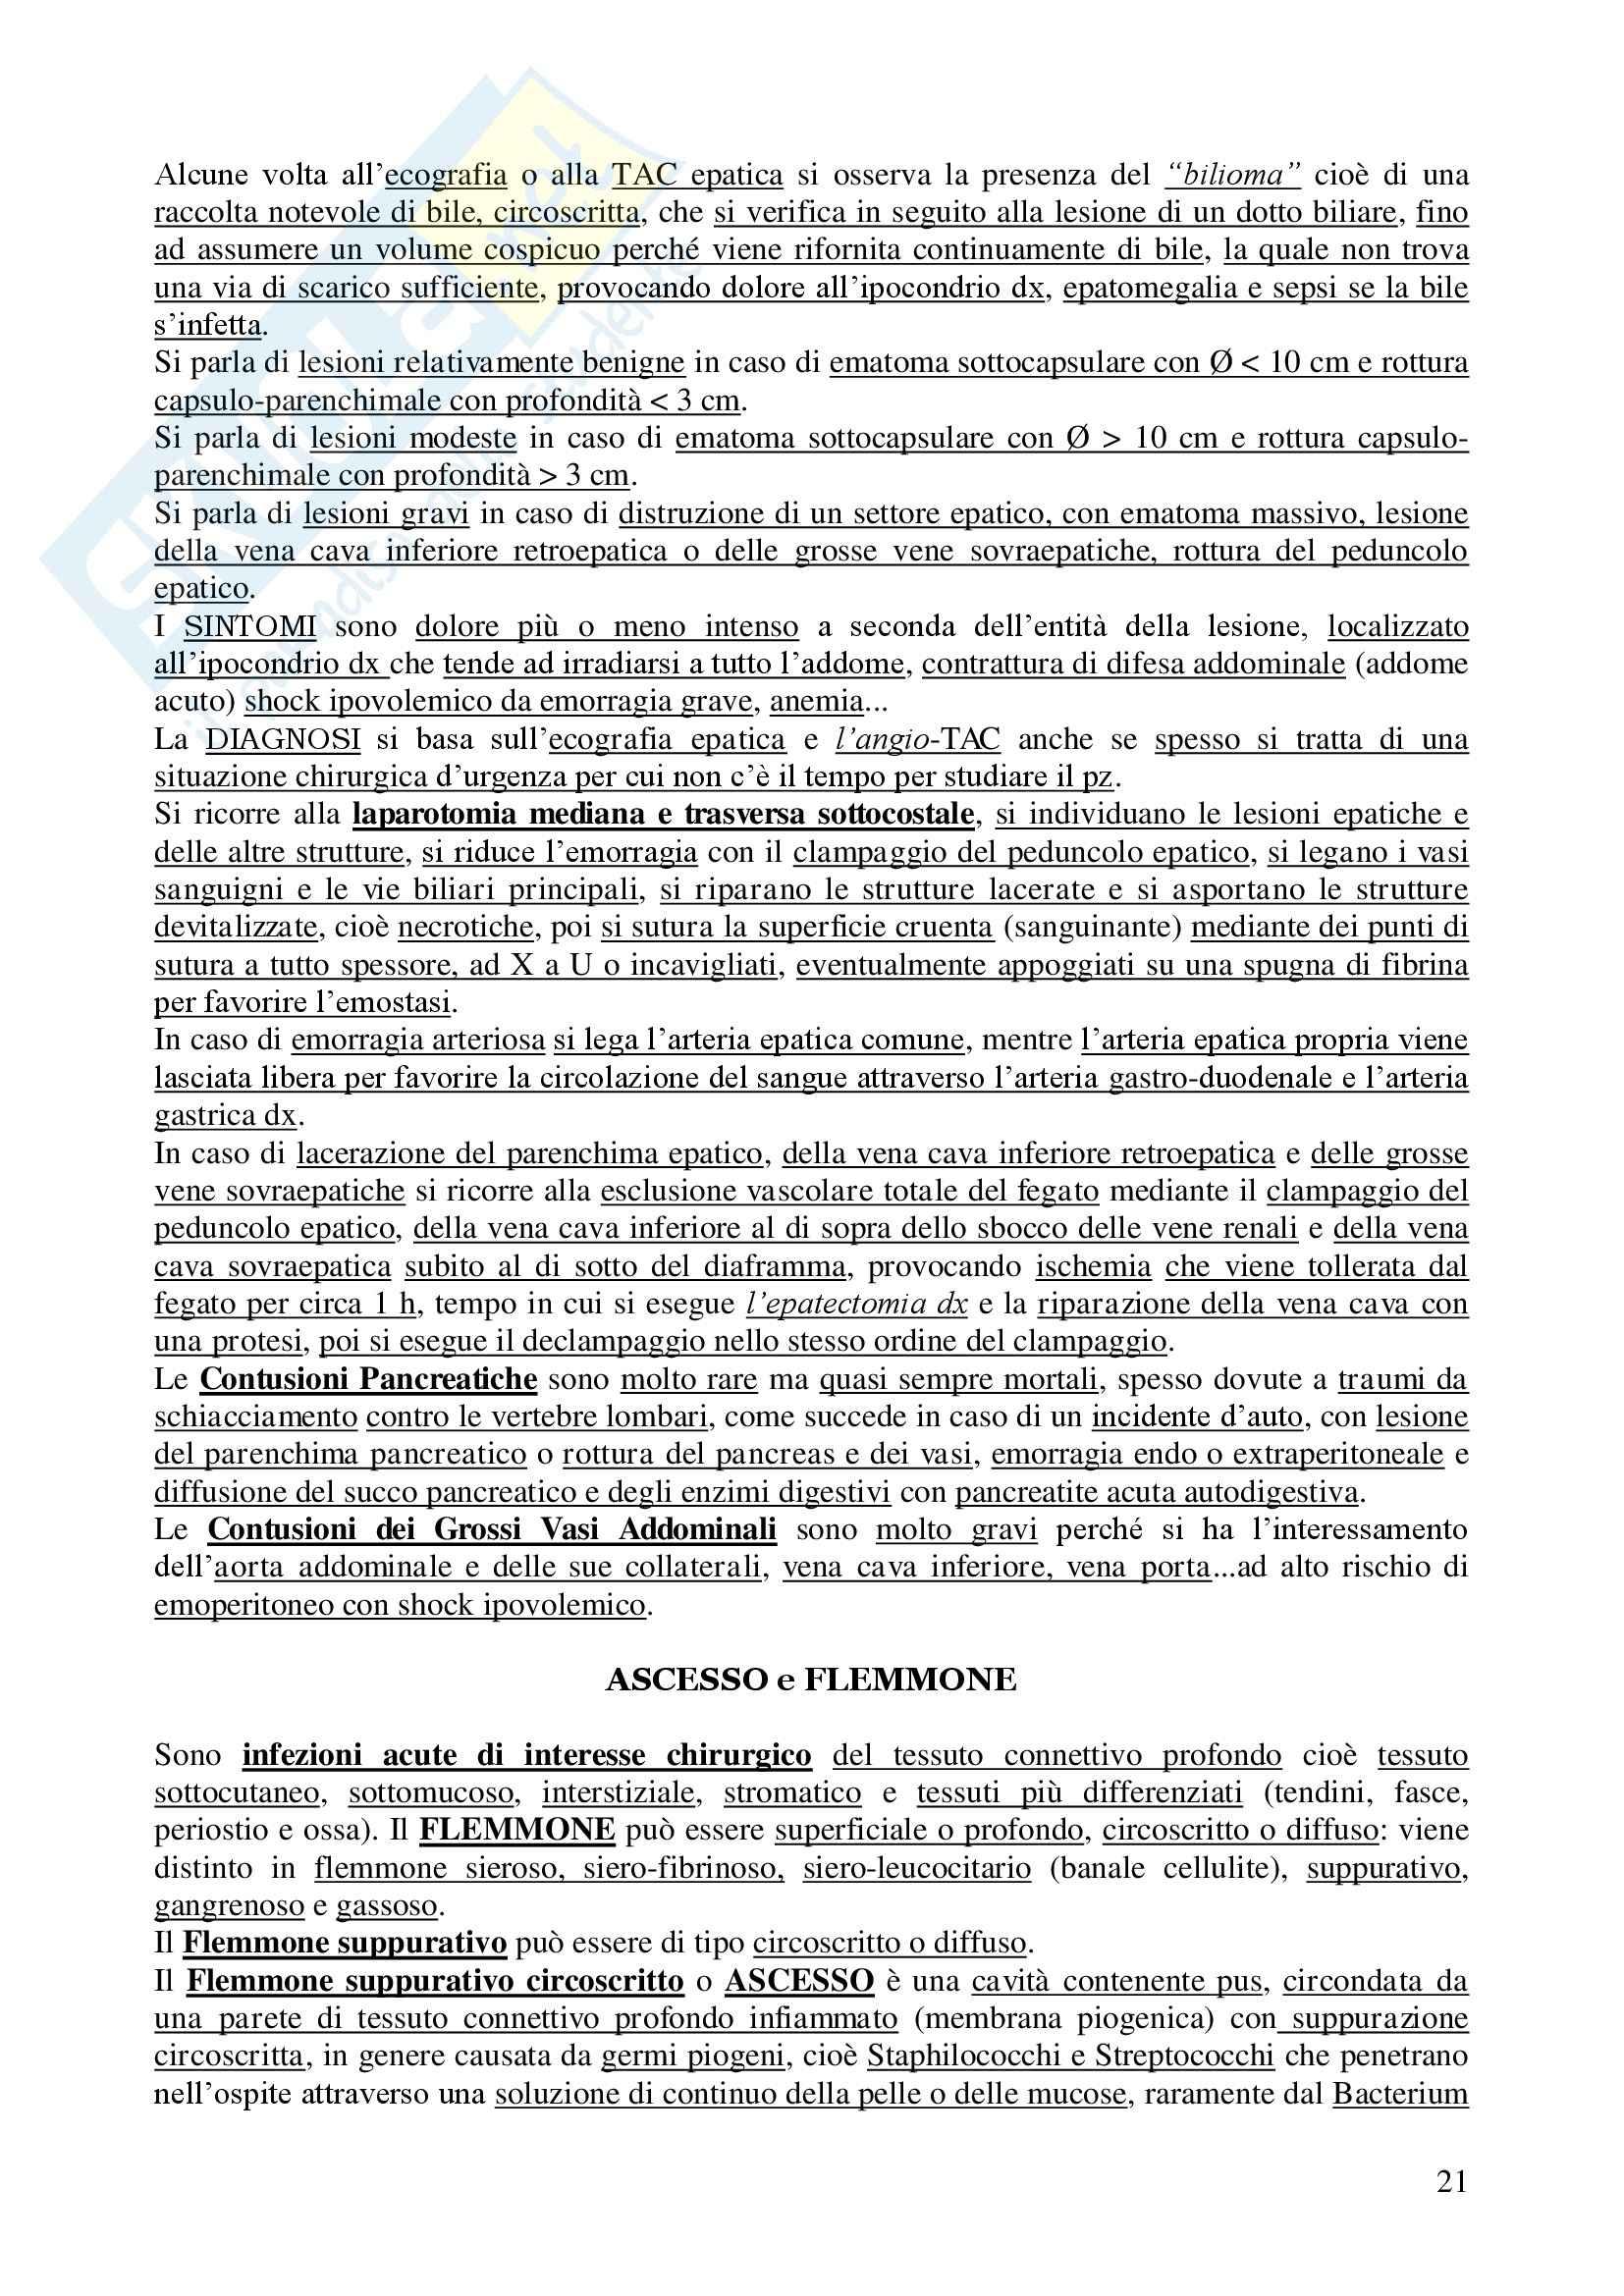 Chirurgia - chirurgia generale - Appunti Pag. 21